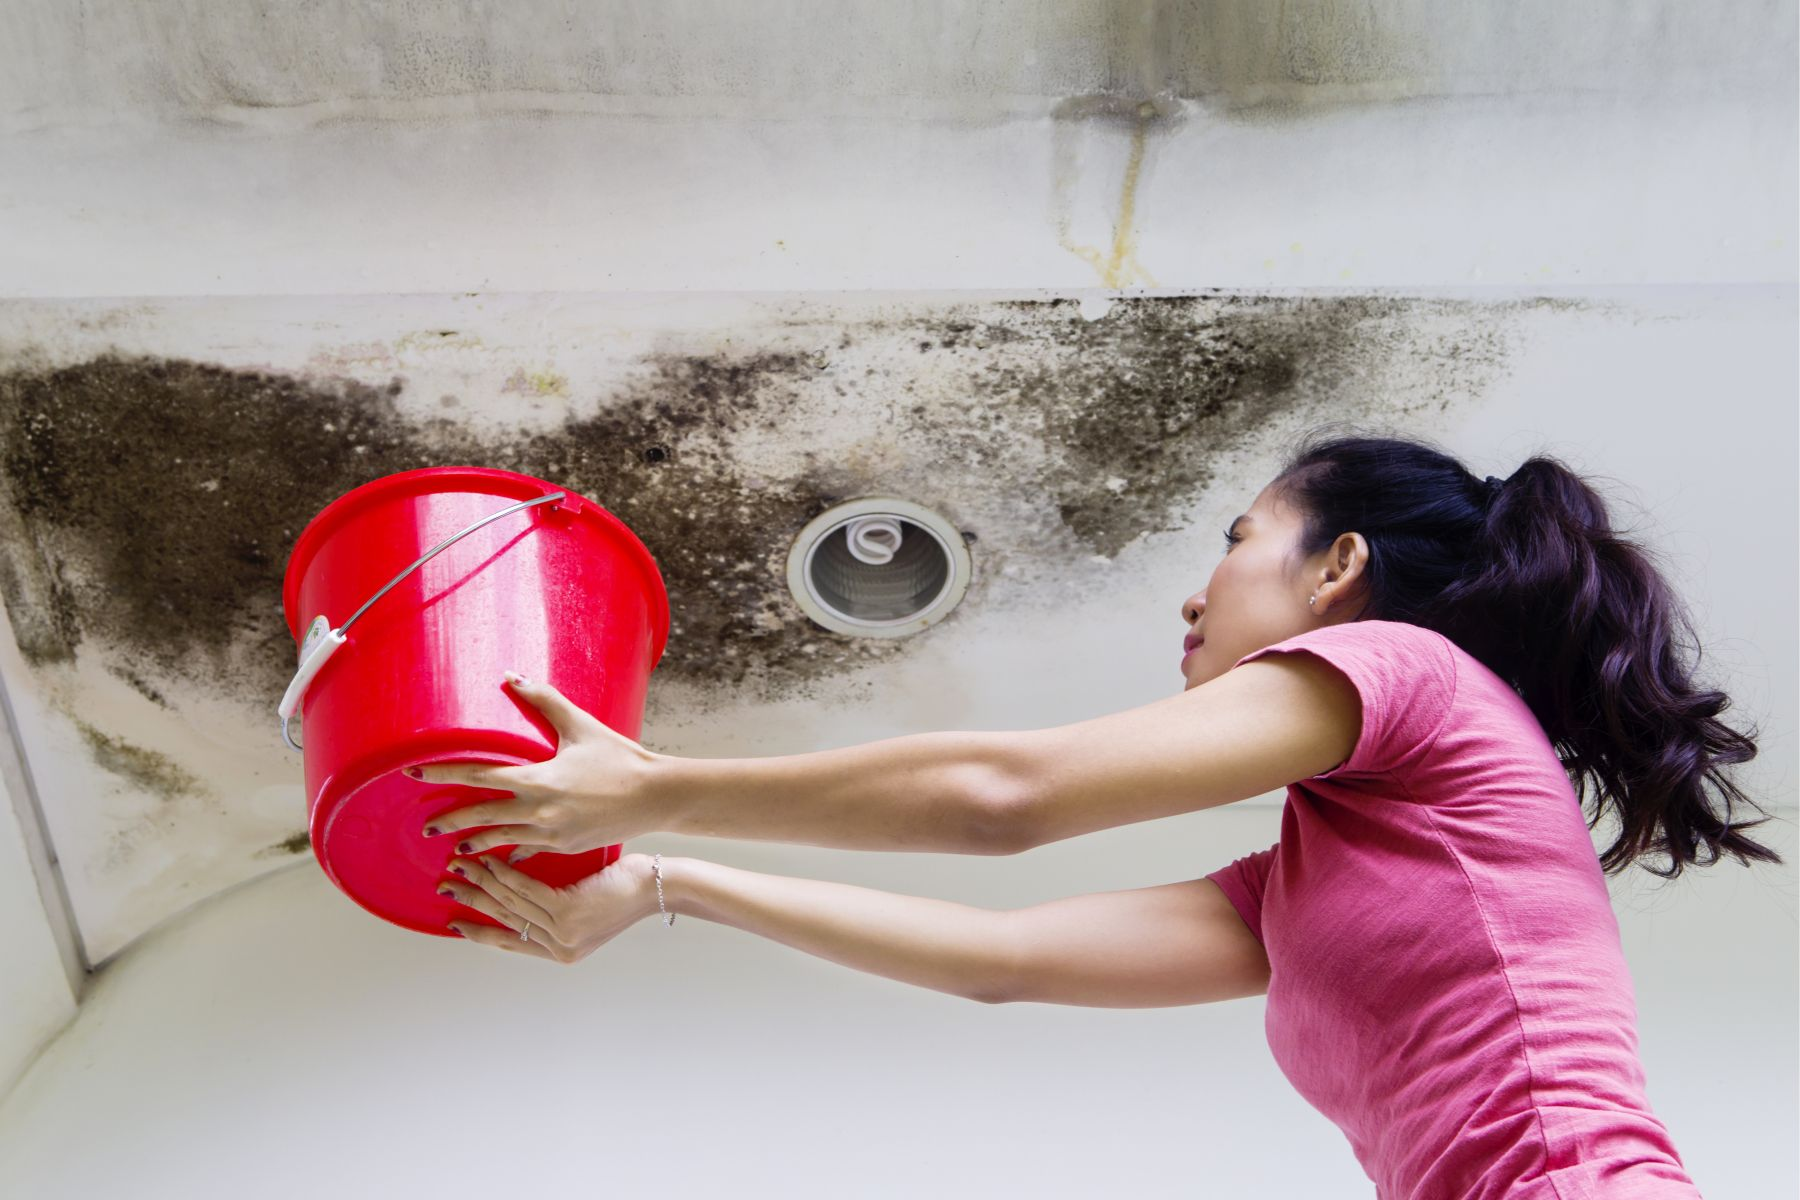 公寓大廈房屋漏水,樓上還樓下鄰居該修?這樣做得到精神撫慰金、財產損失